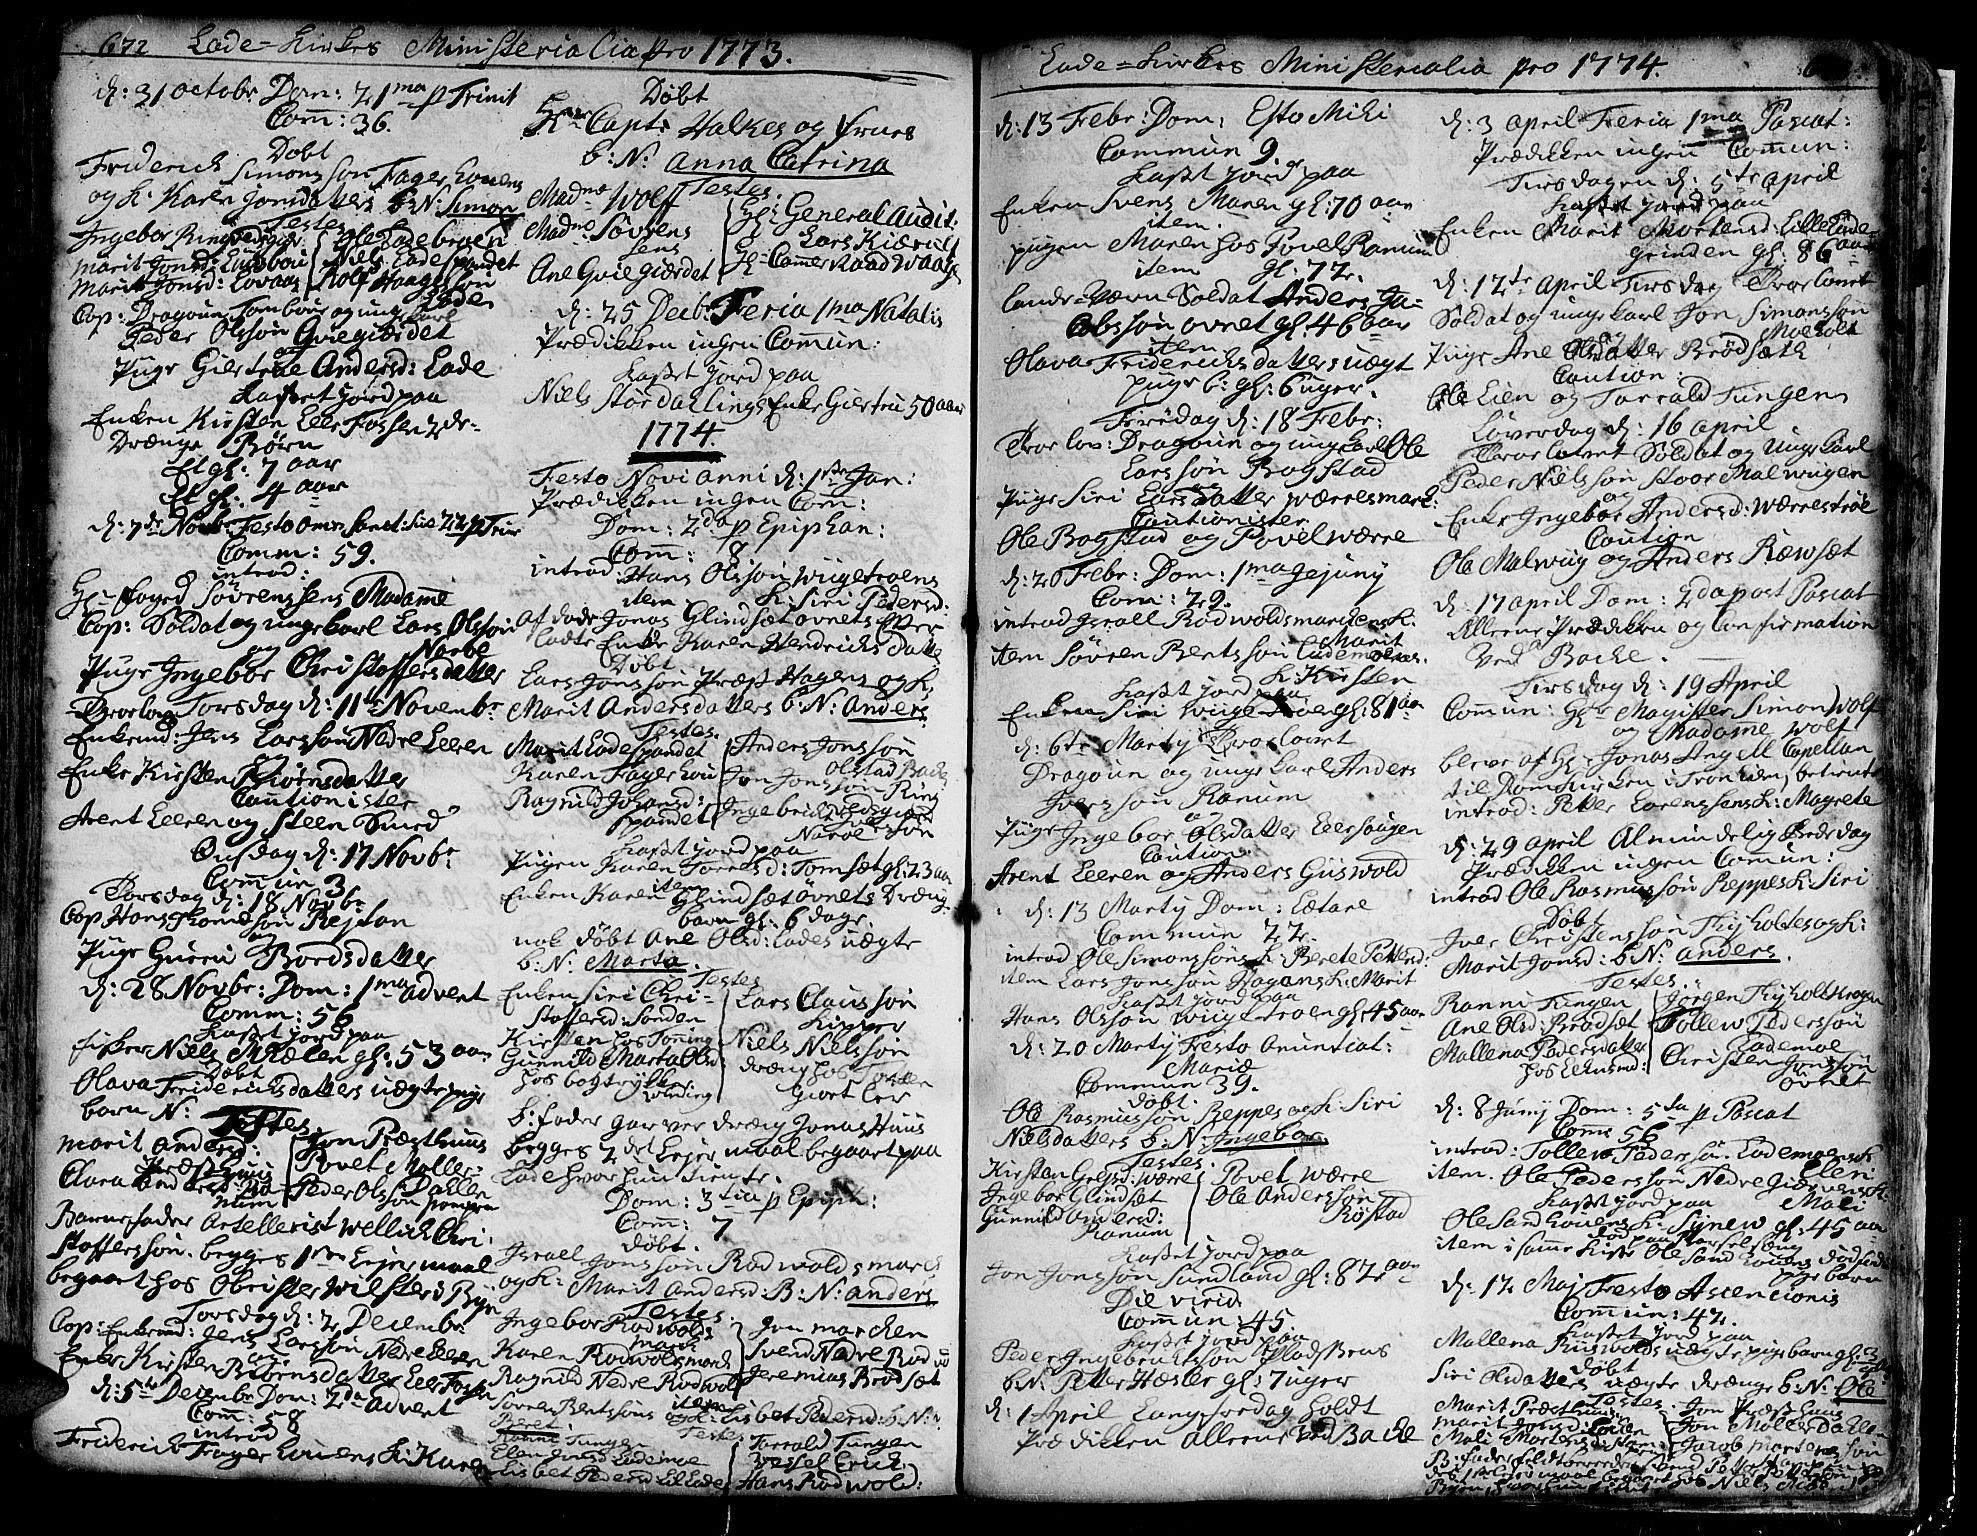 SAT, Ministerialprotokoller, klokkerbøker og fødselsregistre - Sør-Trøndelag, 606/L0275: Ministerialbok nr. 606A01 /1, 1727-1780, s. 672-673